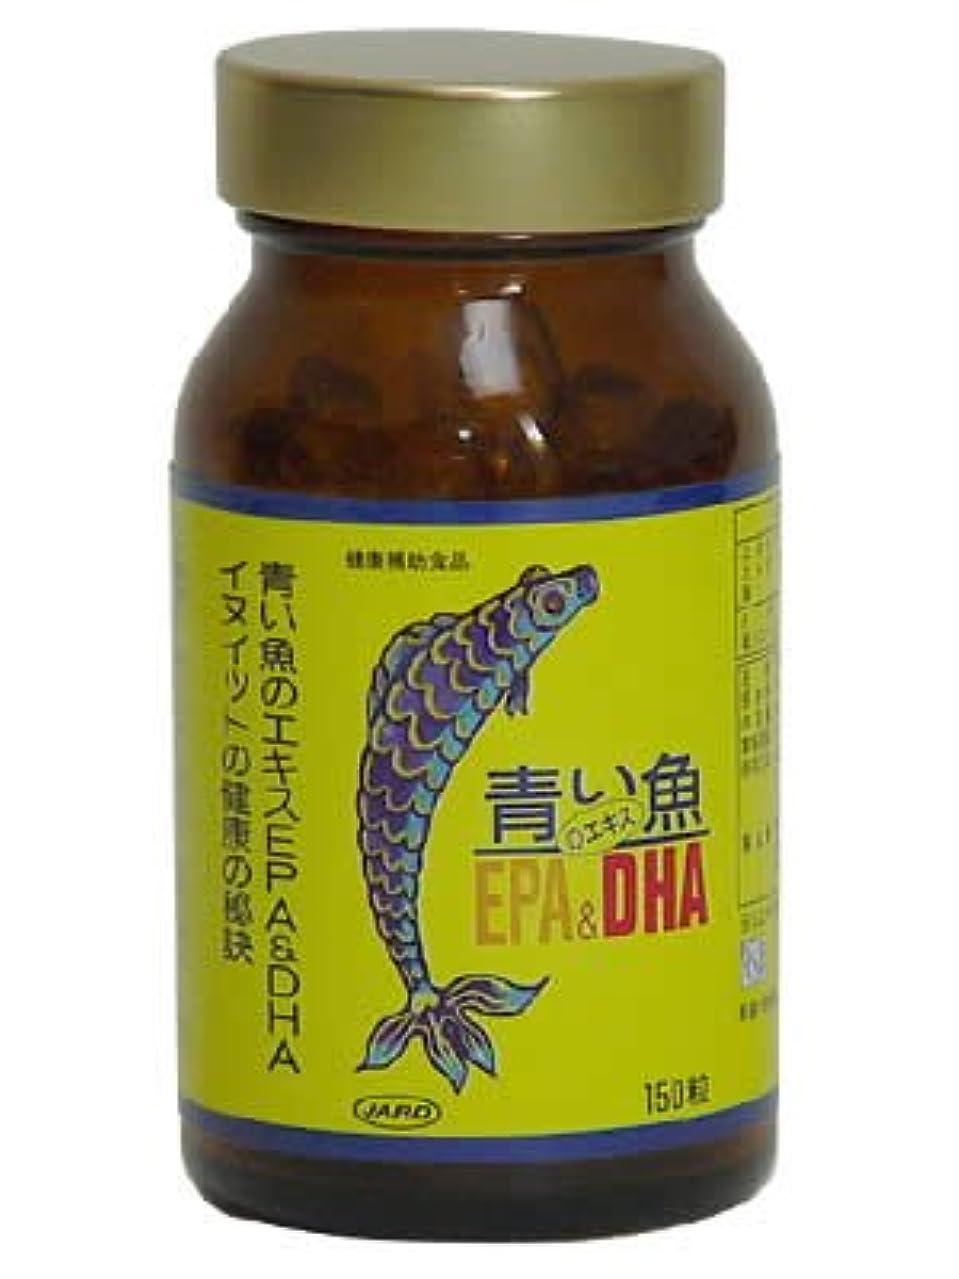 スカリー強います不良青い魚のエキスEPA&DHA【6本セット】ジャード